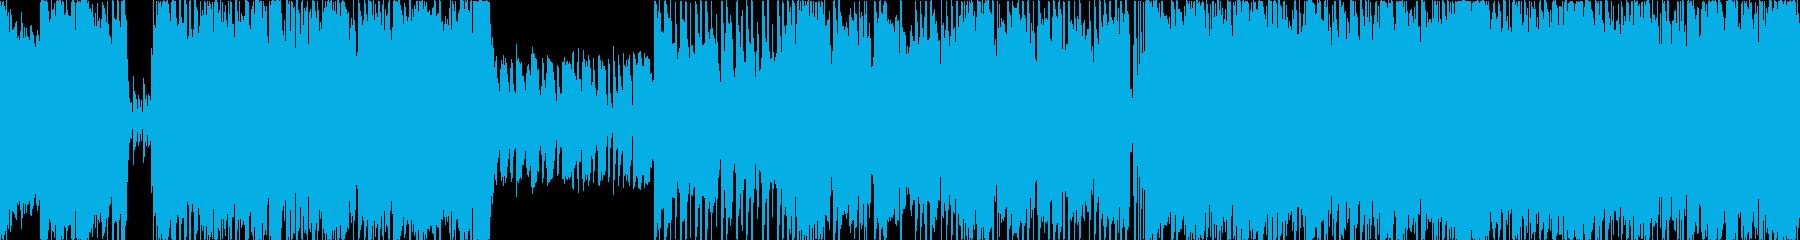 爽やかに広がるイメージのPop Rockの再生済みの波形